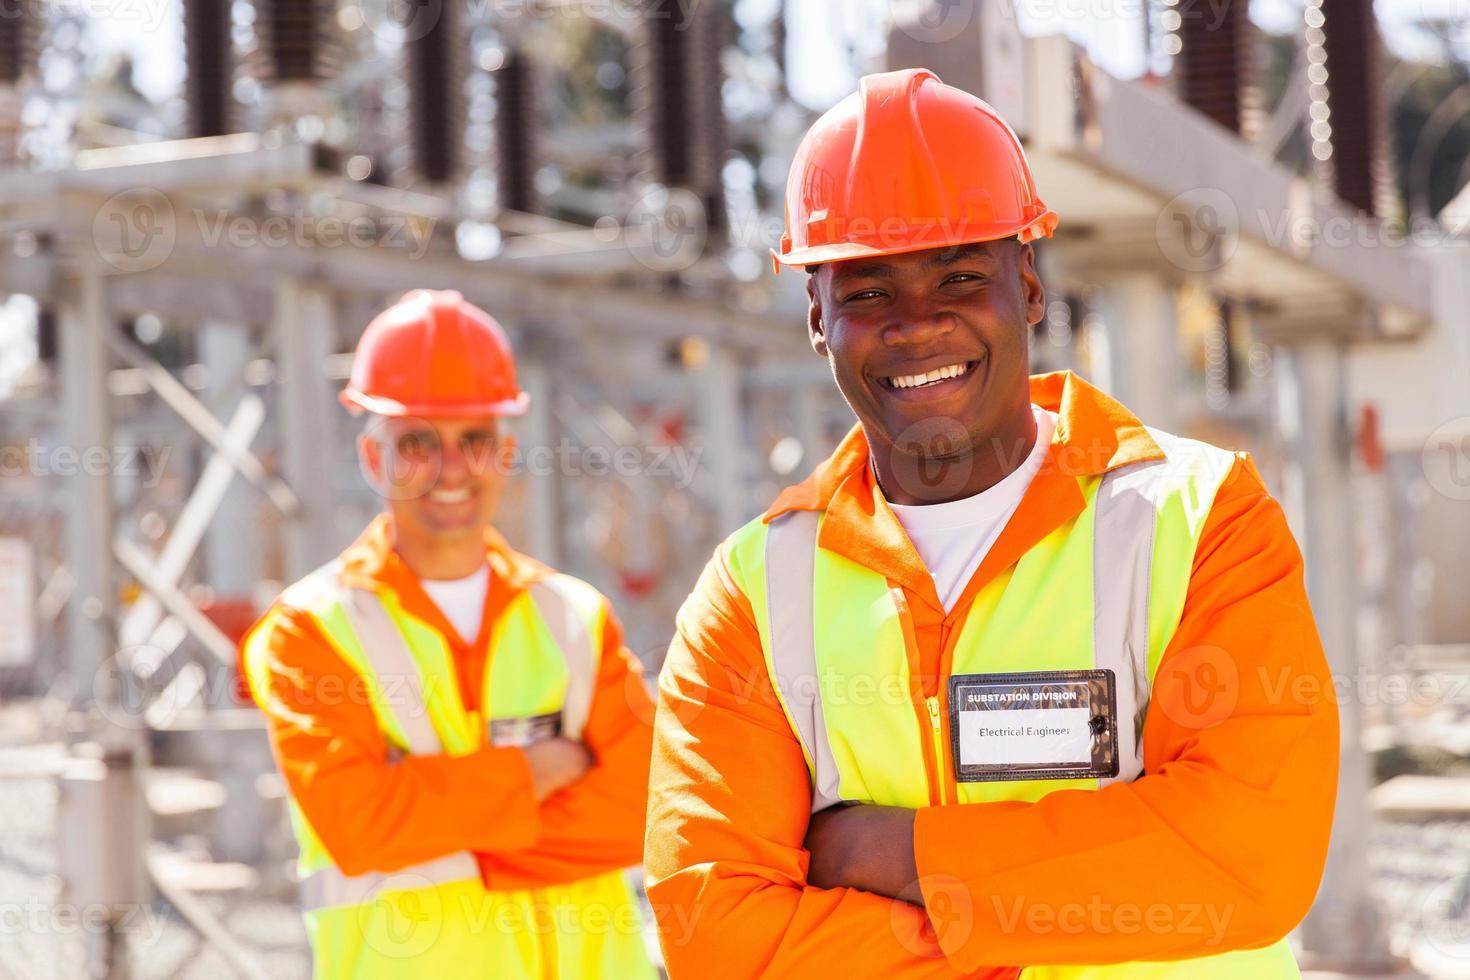 junger afroamerikanischer Elektrotechniker im Umspannwerk foto